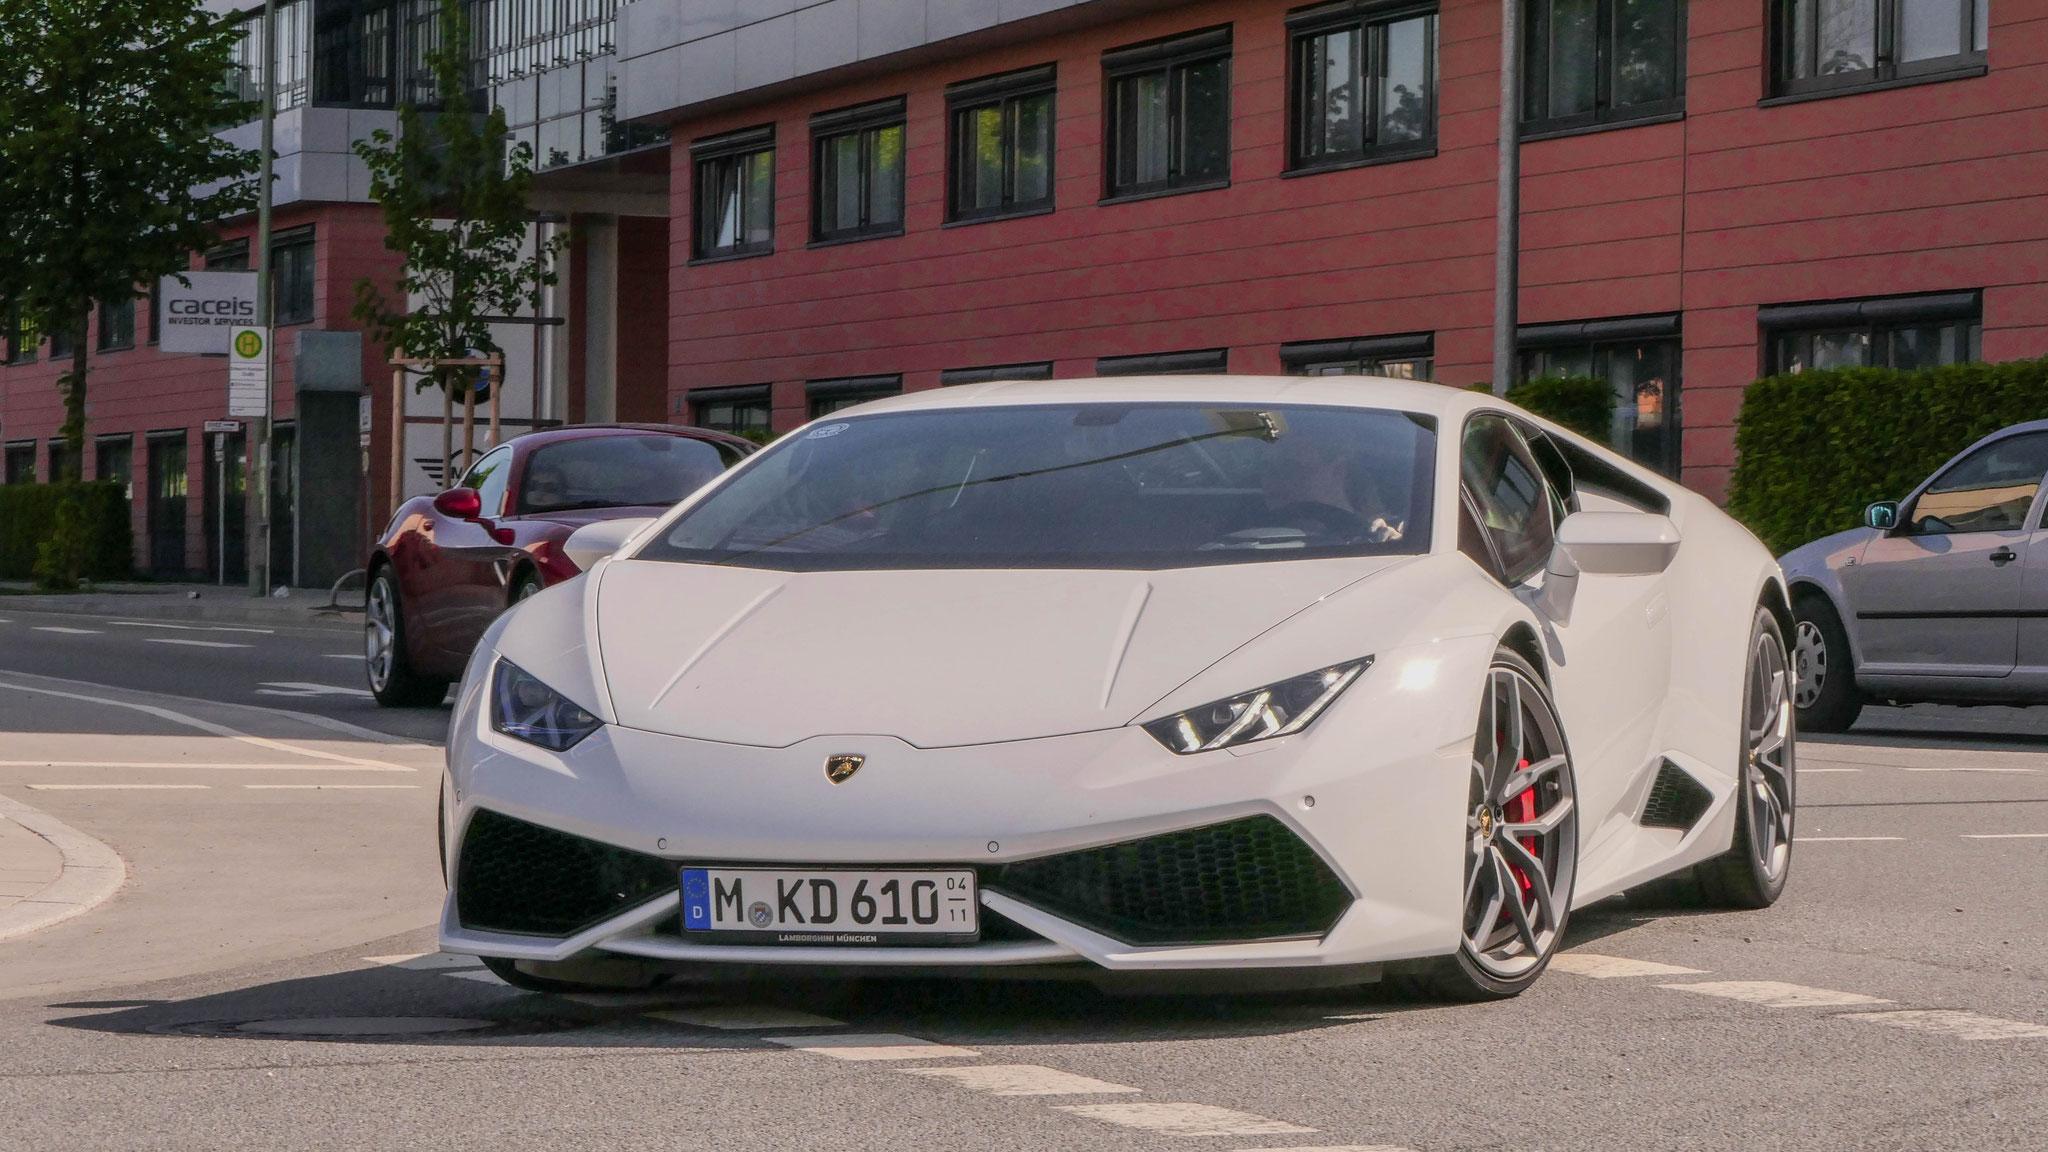 Lamborghini Huracan - M-KD-610